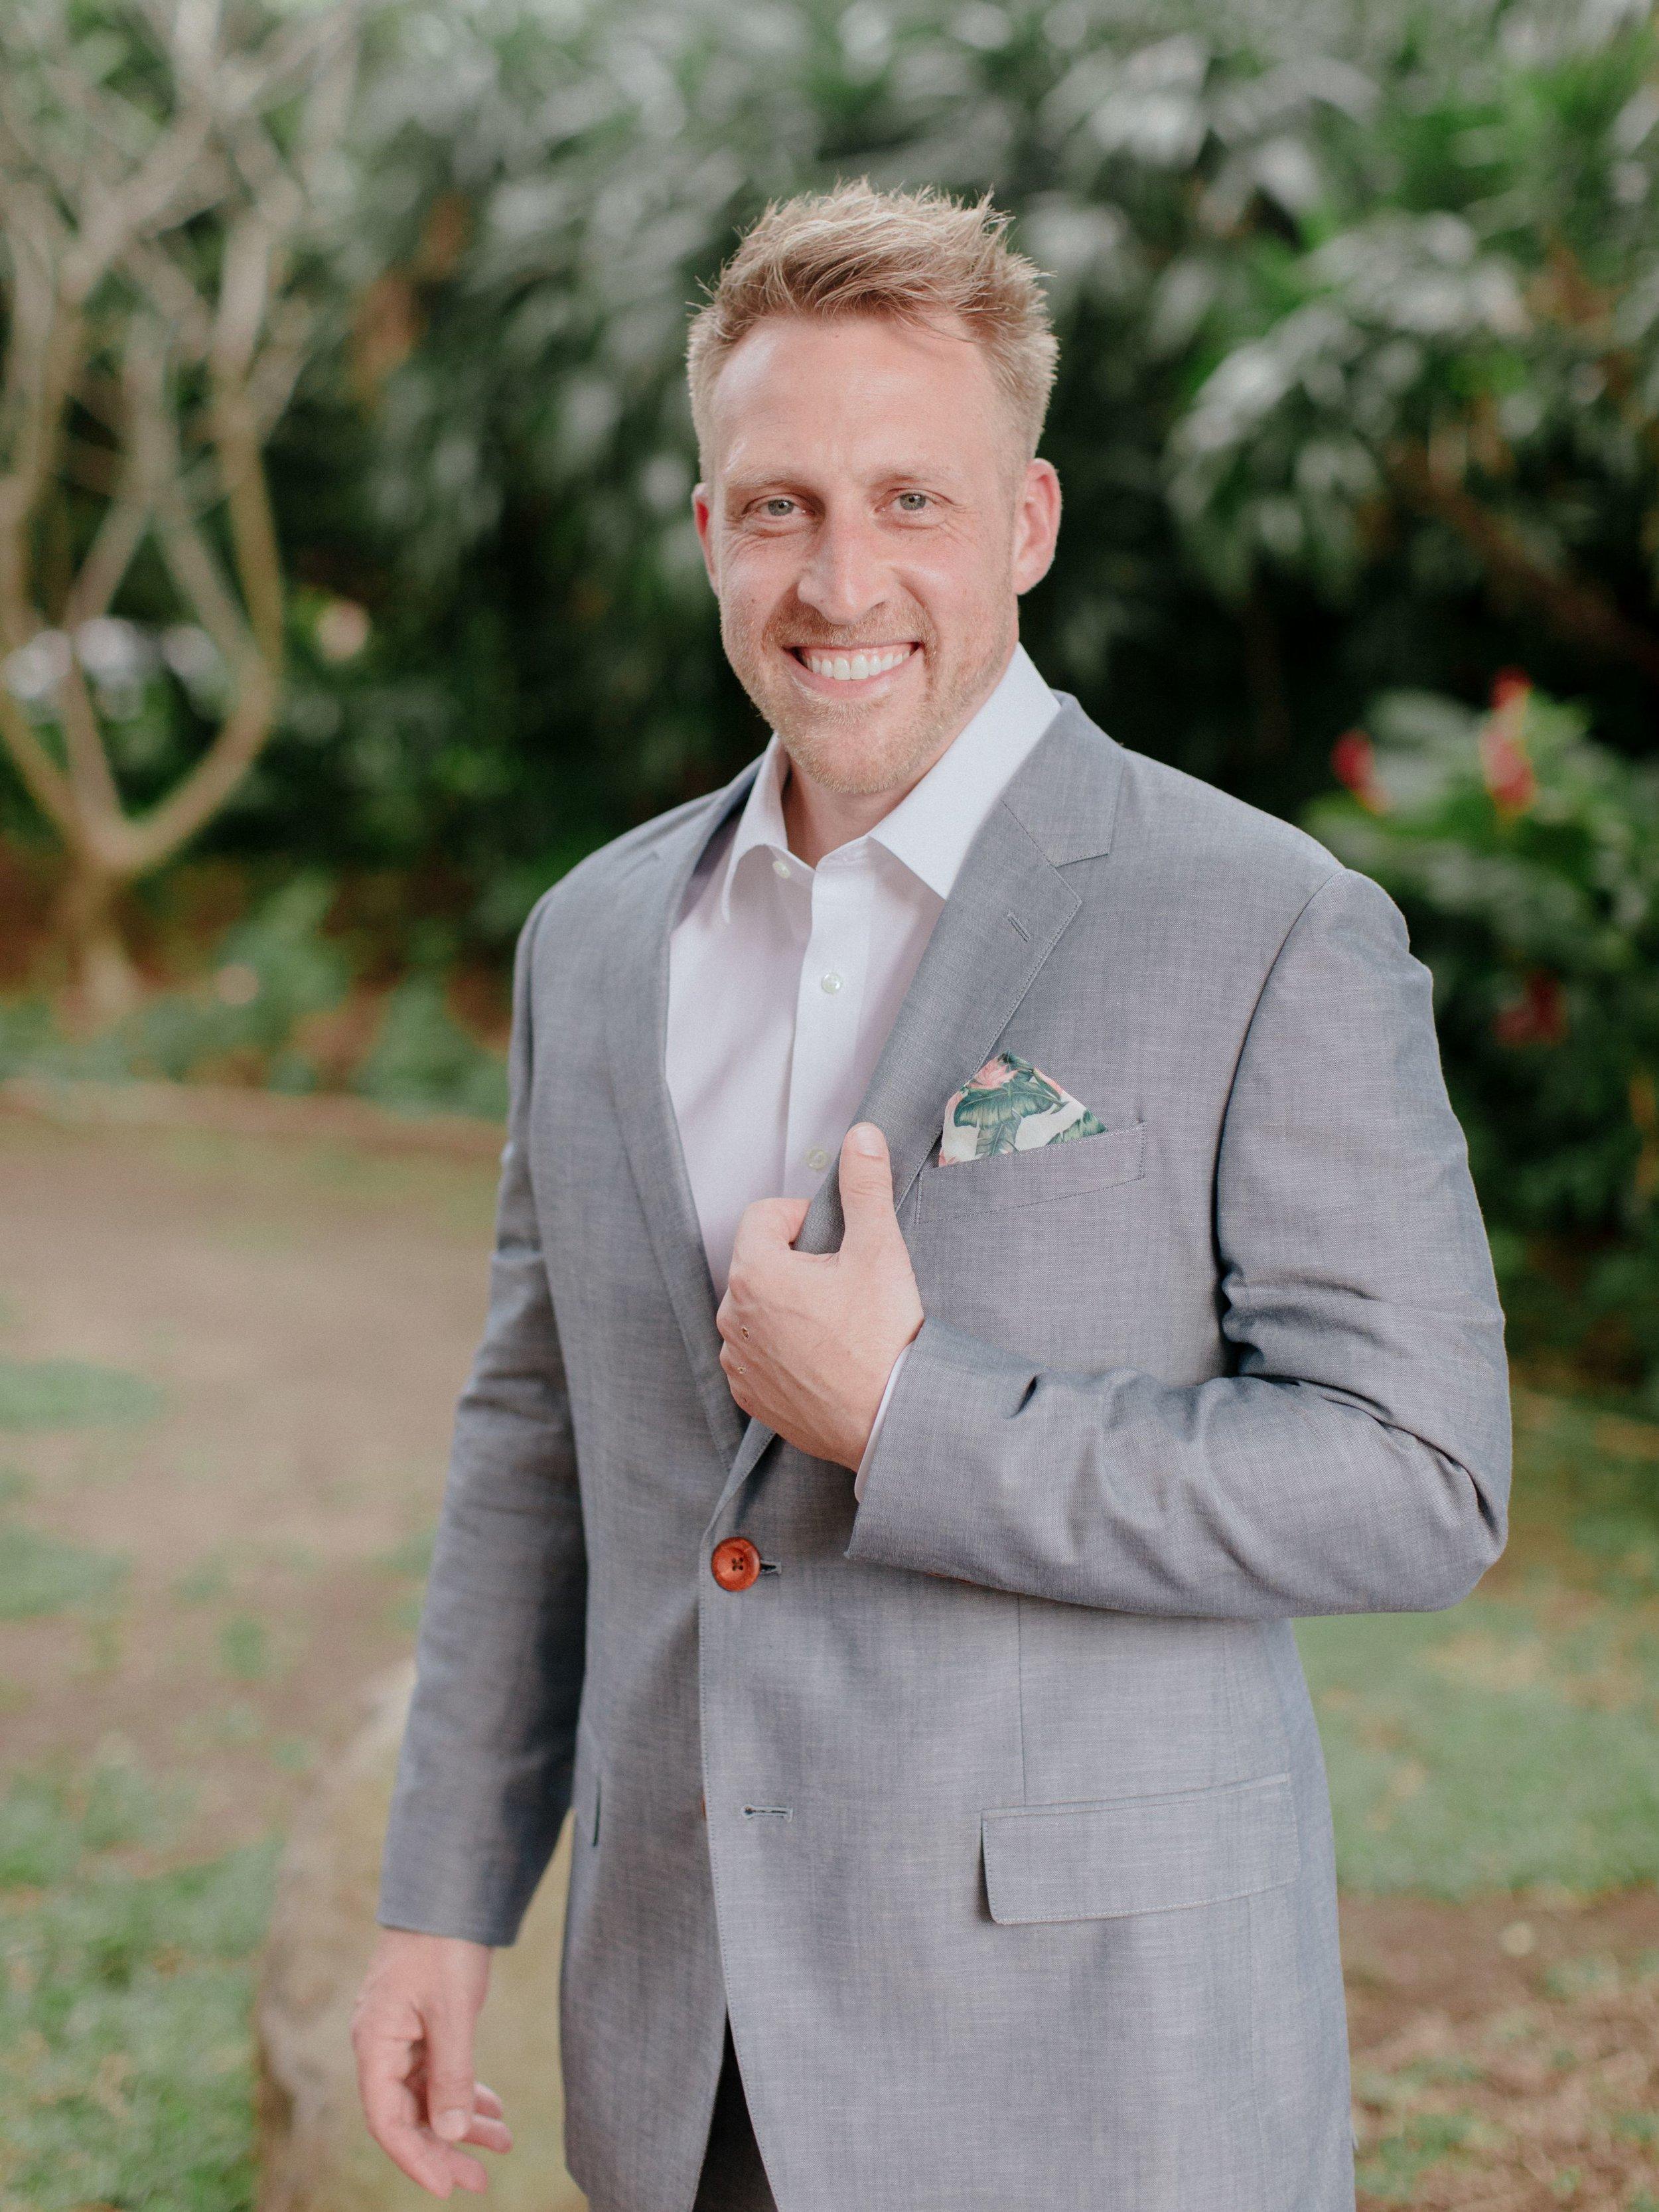 Chris-J-Evans-maui-wedding-JA696.jpg